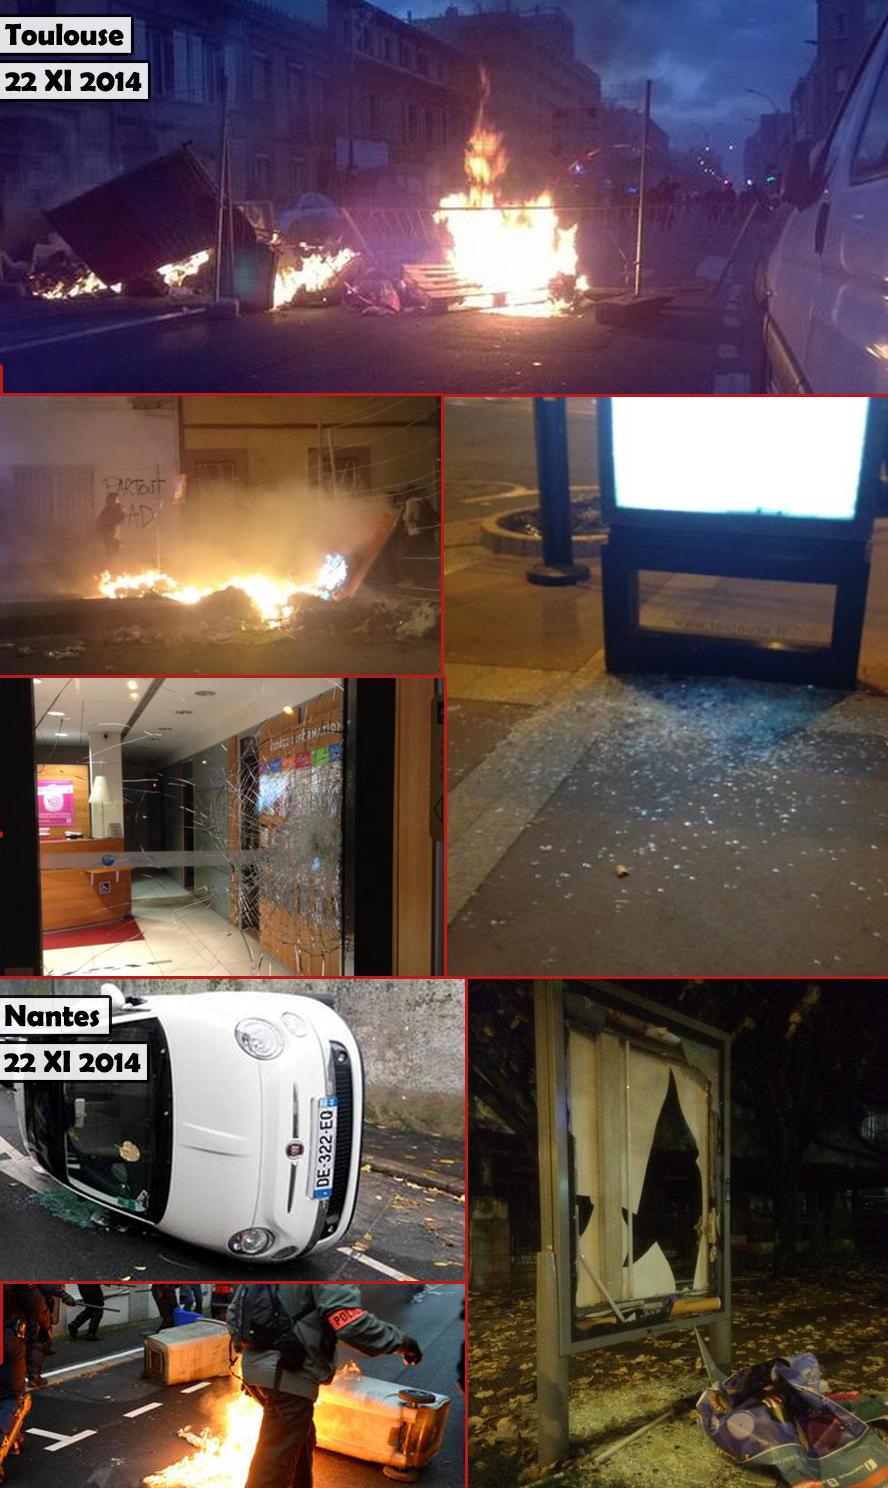 Les casseurs à nouveau en action à Nantes et Toulouse mais aussi Bordeaux et Lille